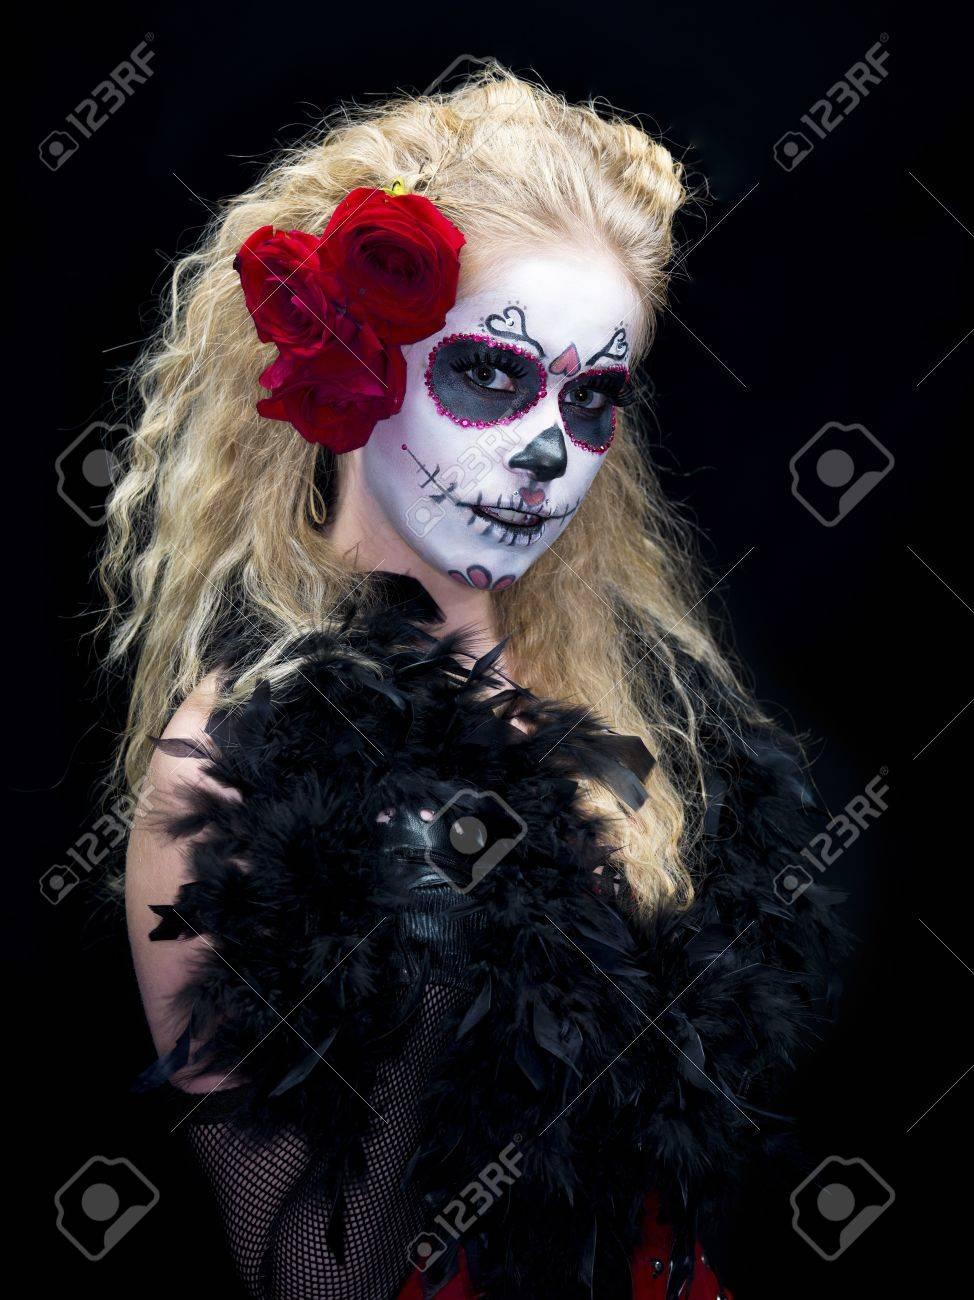 Close Up Shot De Una Mujer Vestida De Miedo Calavera De Azúcar Tradicional Maquillaje Sobre Fondo Oscuro Modelo Christine Vandenberk